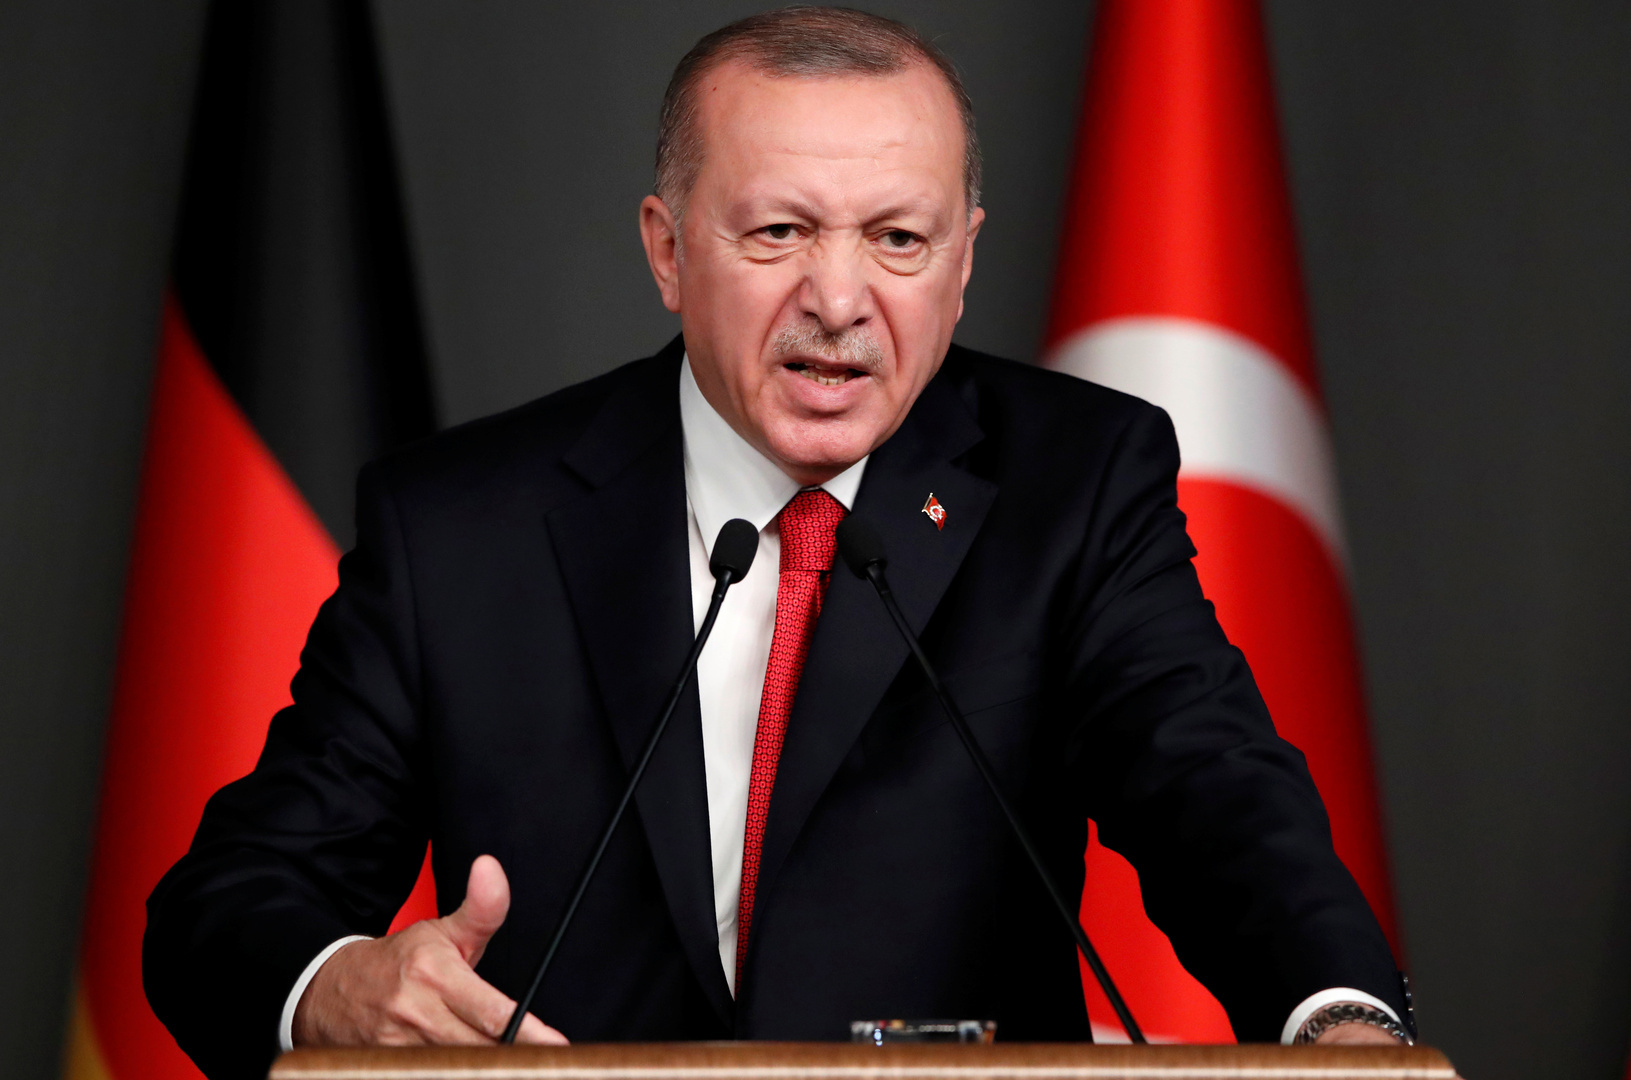 أردوغان يعلن تسليم إثيوبيا جميع مدارس غولن لتركيا